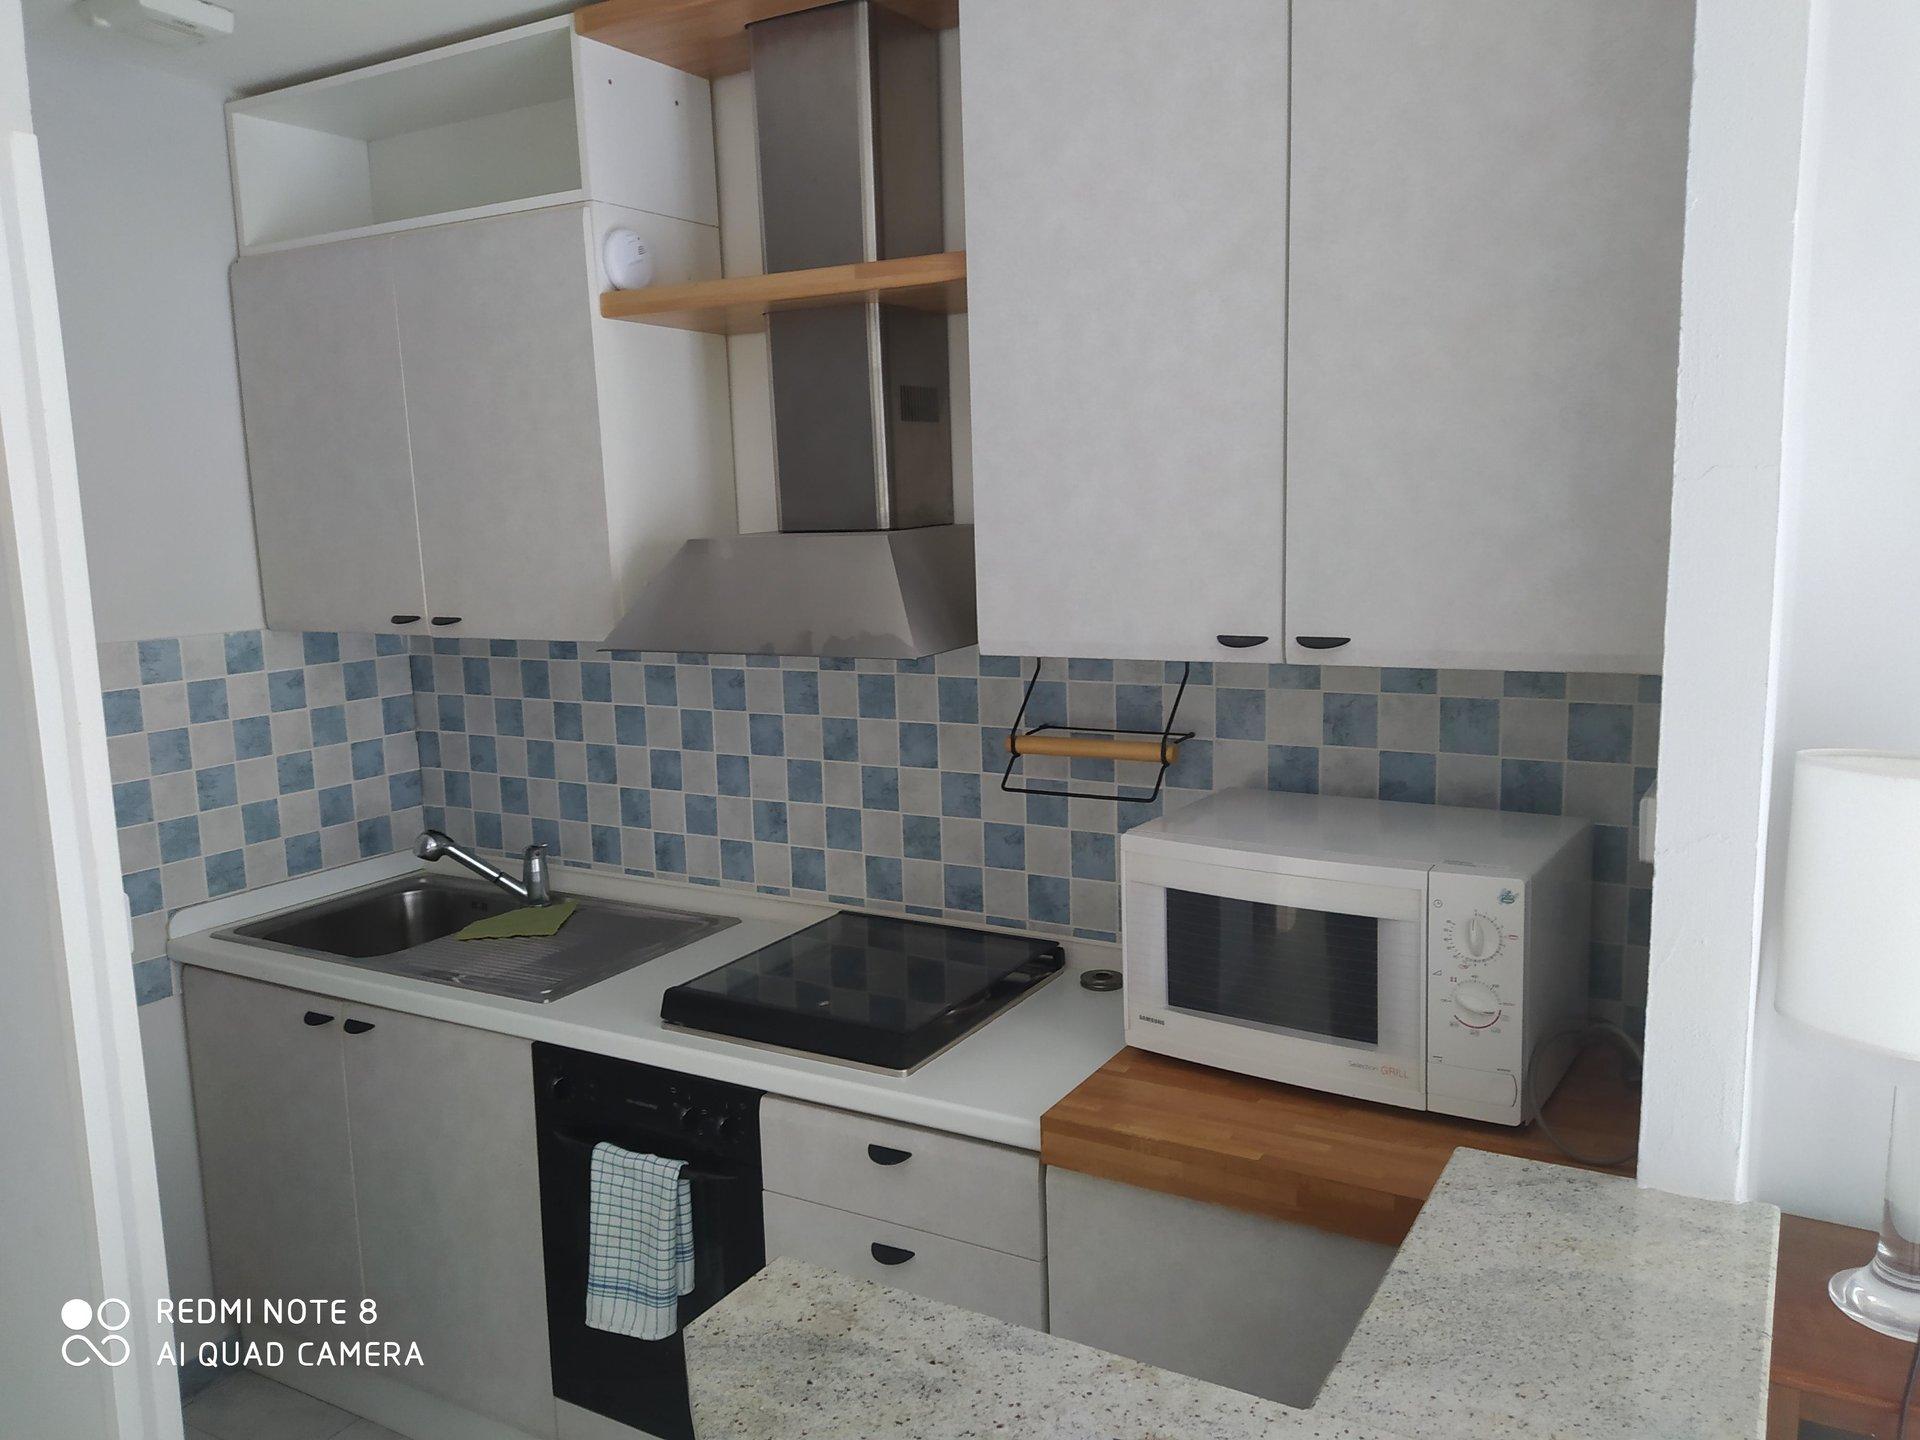 出租 公寓 - 昂蒂布 (Antibes)